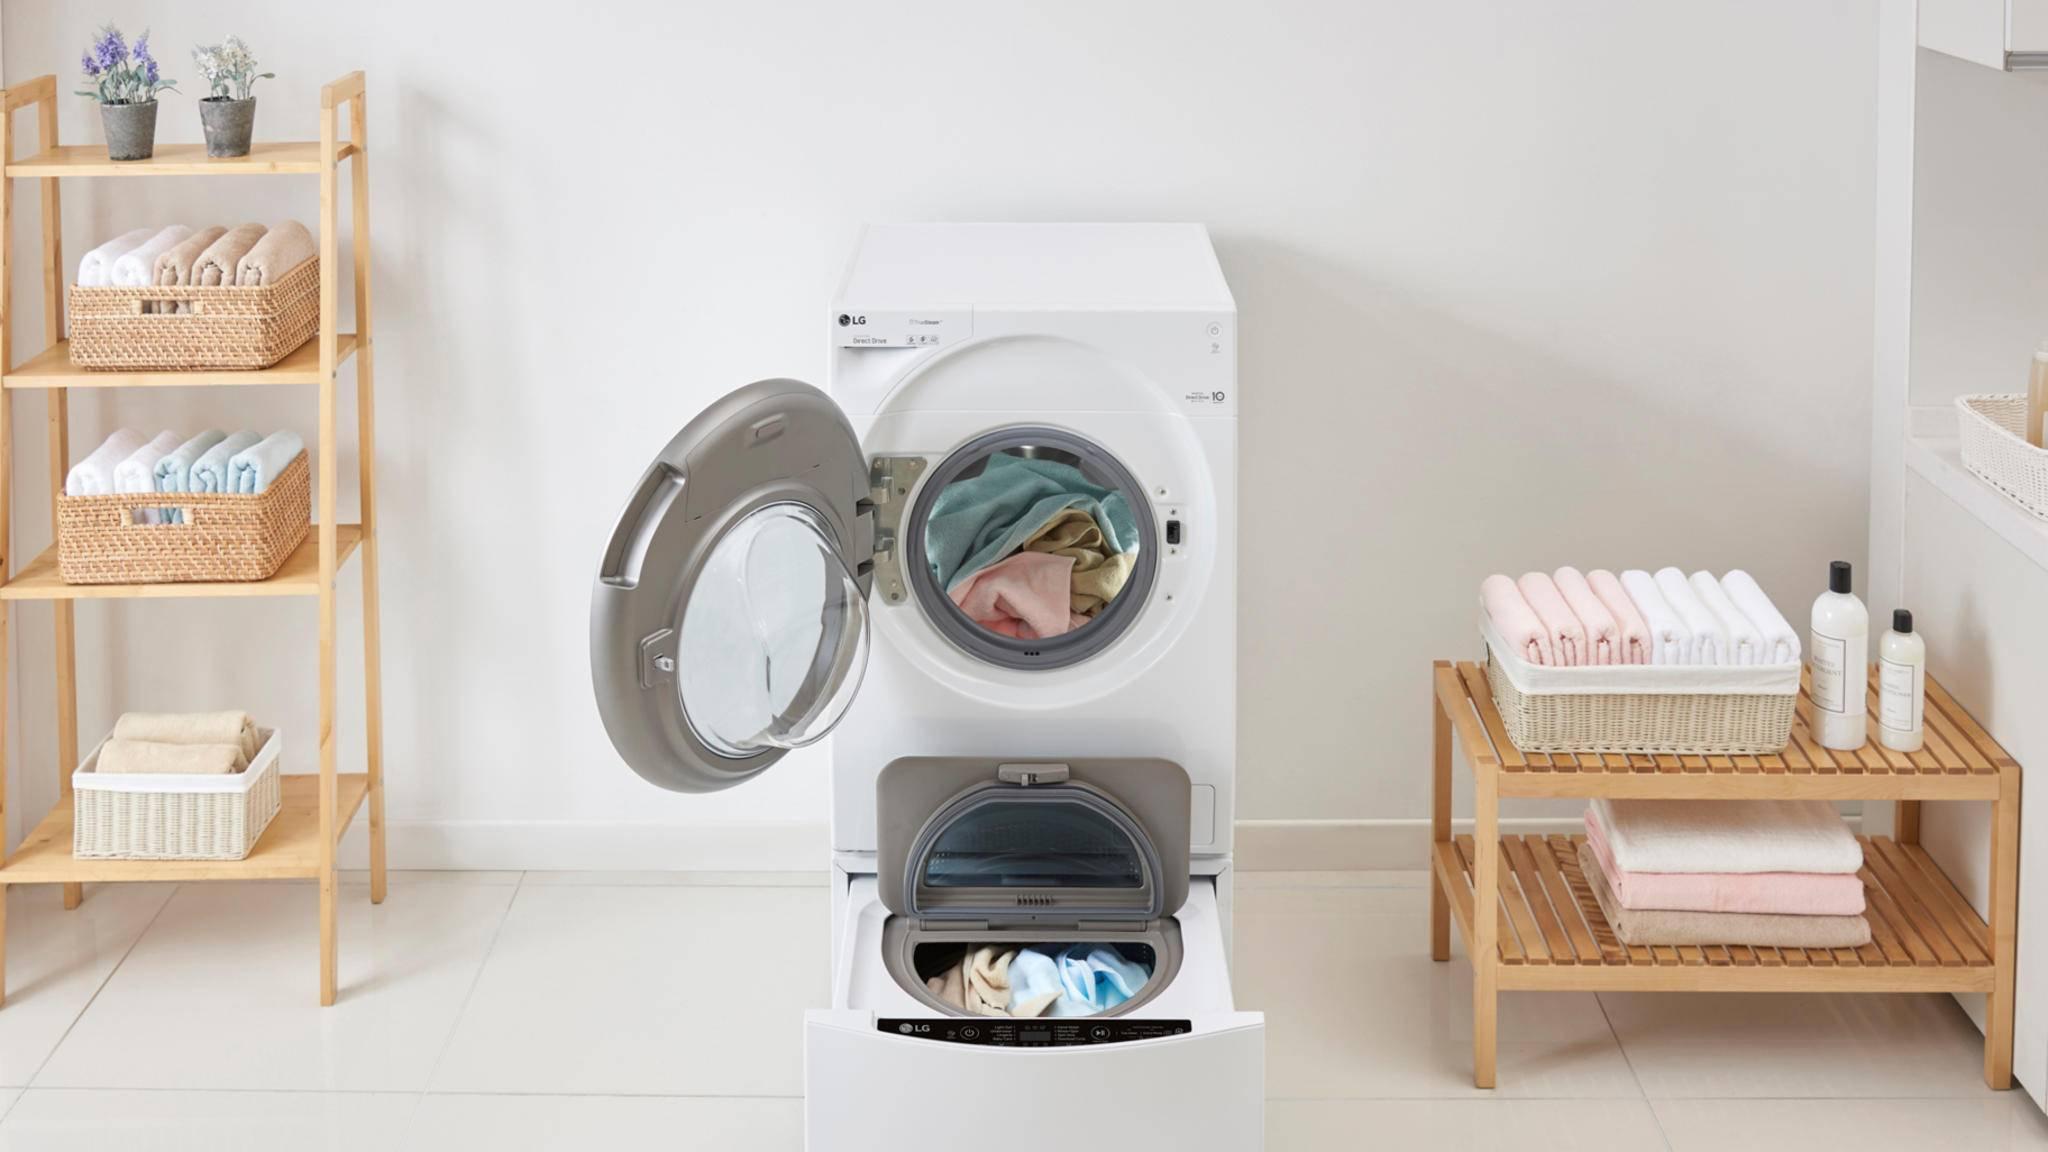 Mit einer TwinWash im Badezimmer soll das Wäschewaschen deutlich erleichtert werden.